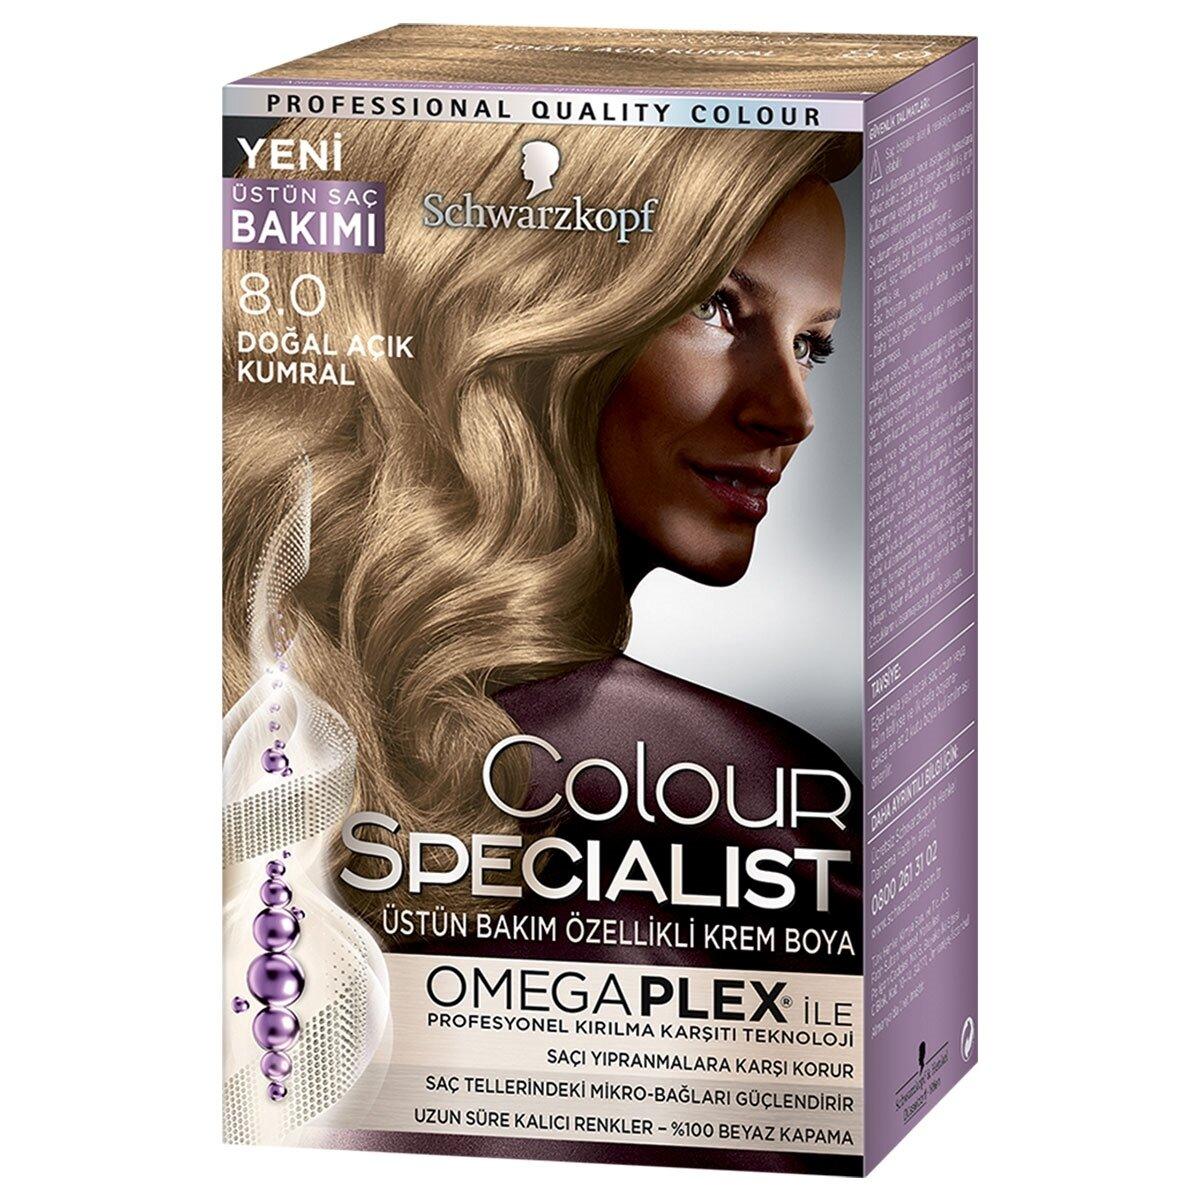 Colour Specialist Saç Boyası Doğal Açık Kumral 8-0